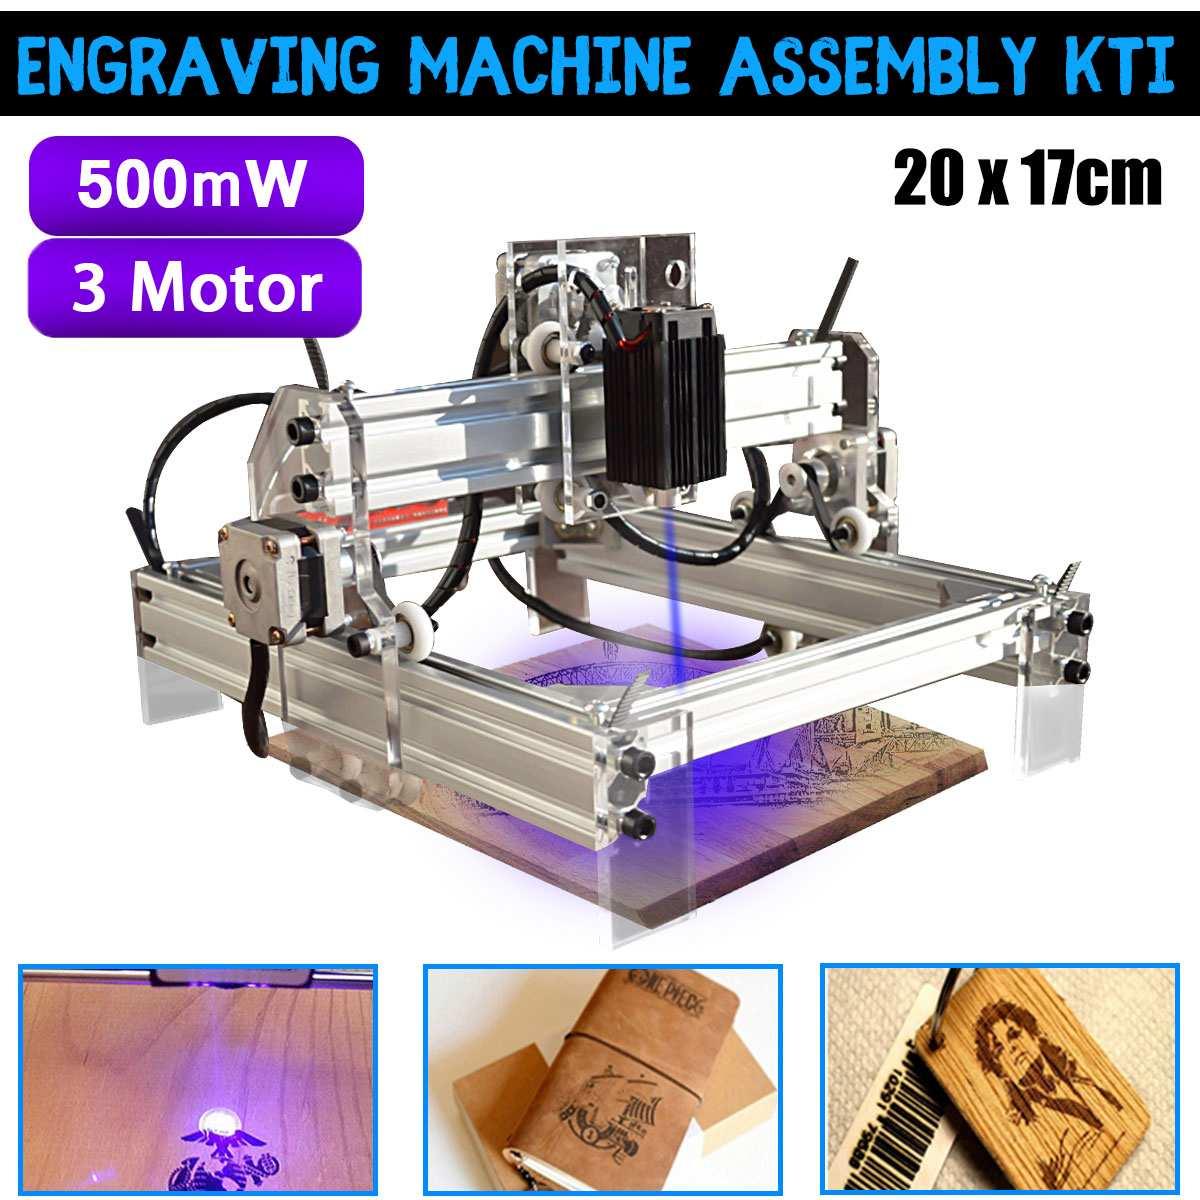 500 mw bureau gravure Laser graveur Machine Kit bricolage Cutter imprimante 20x17 cm fraiseuse bois routeur